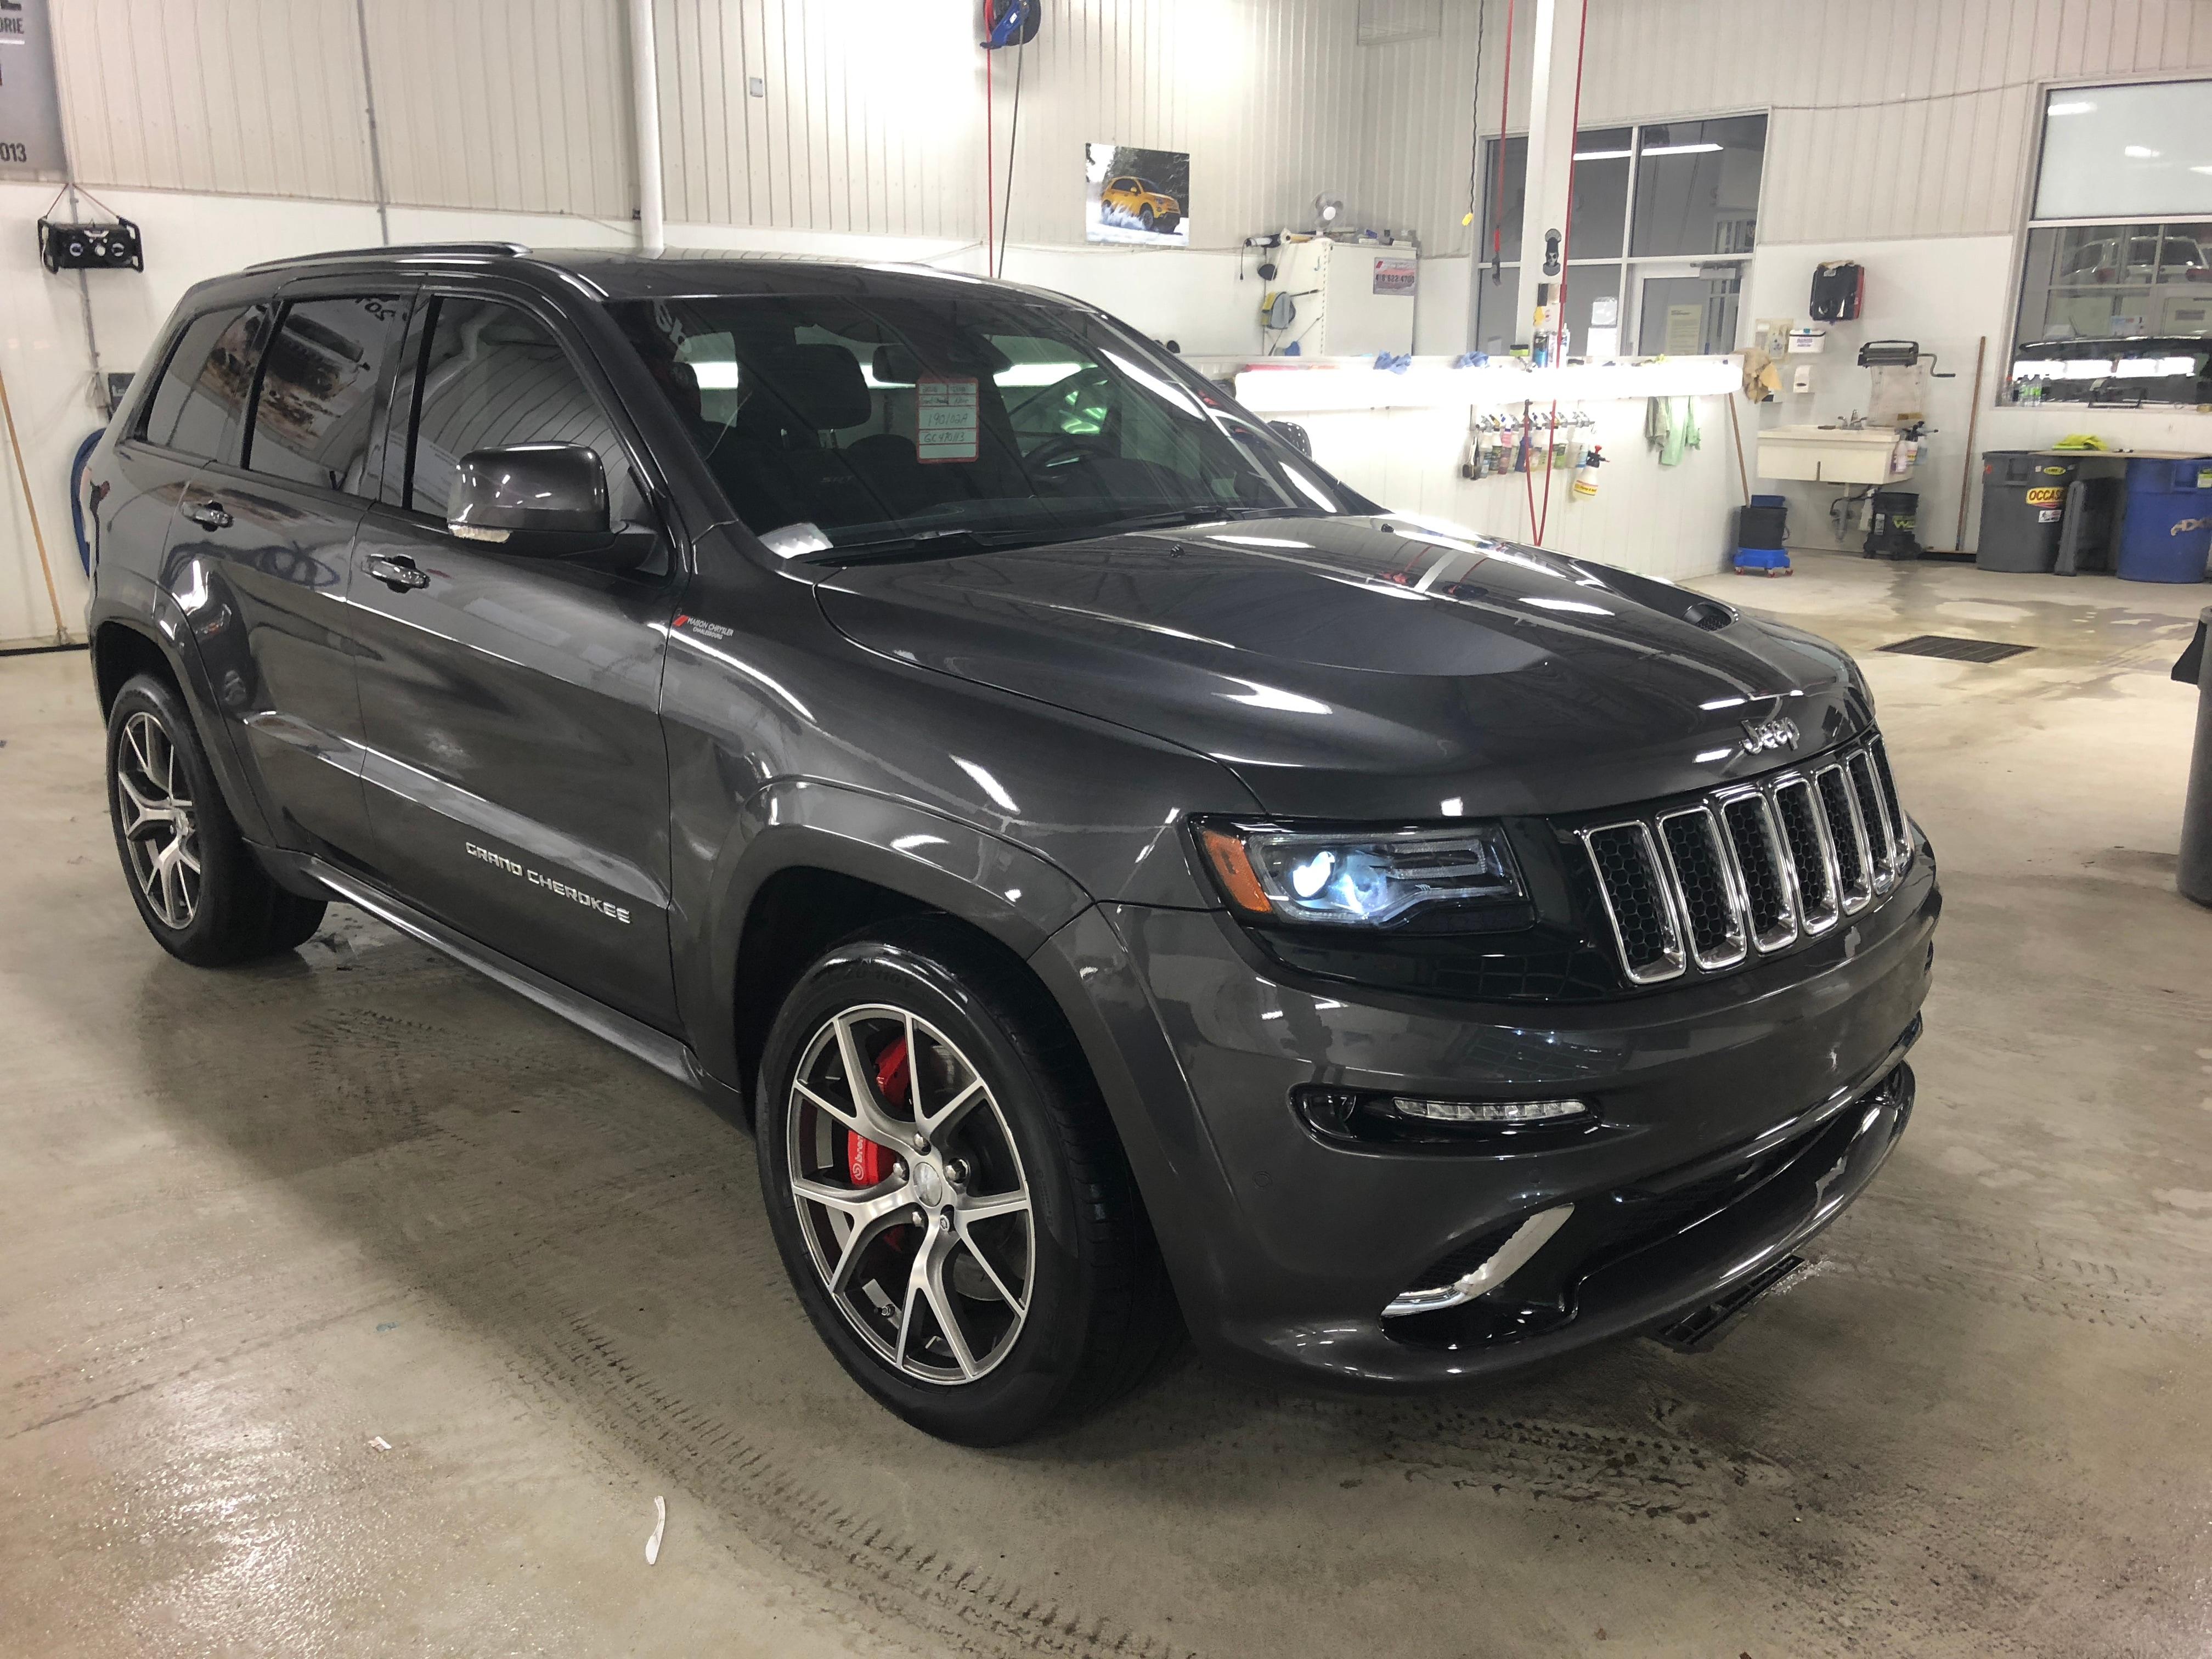 2016 Jeep Grand Cherokee SRT8**BAS KM**SIEGES CUIR ET SUEDE**WOW**6.4 L** VUS